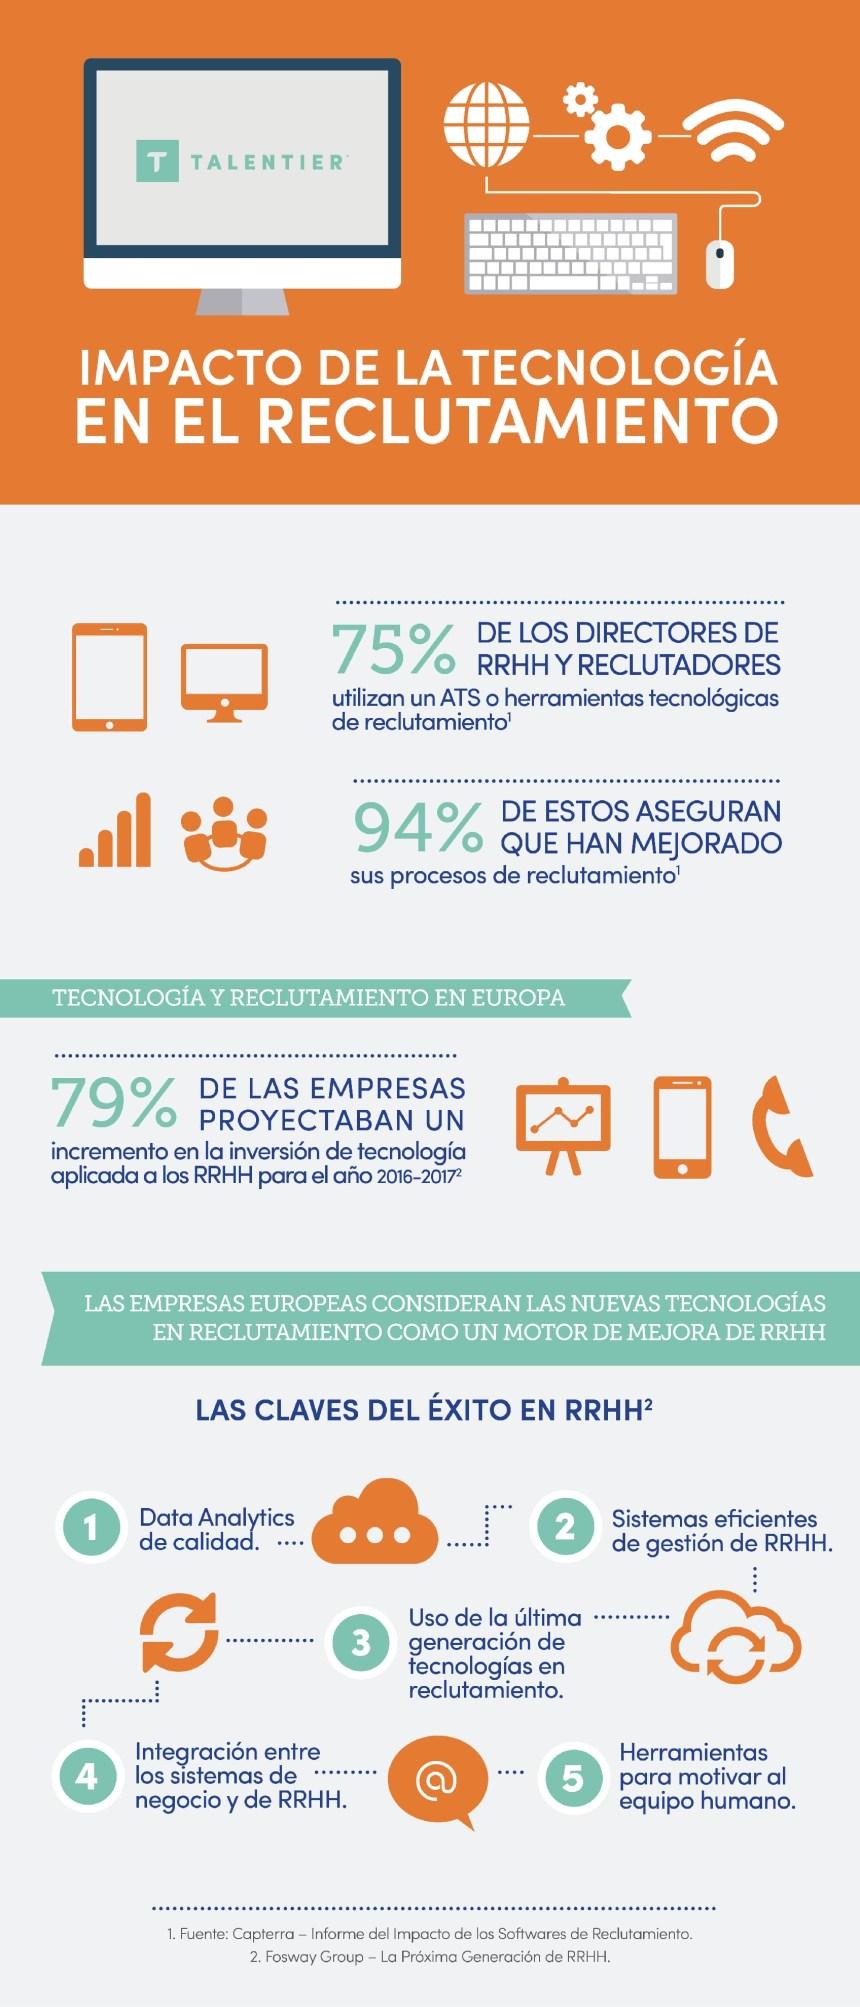 Impacto de la tecnología en el reclutamiento